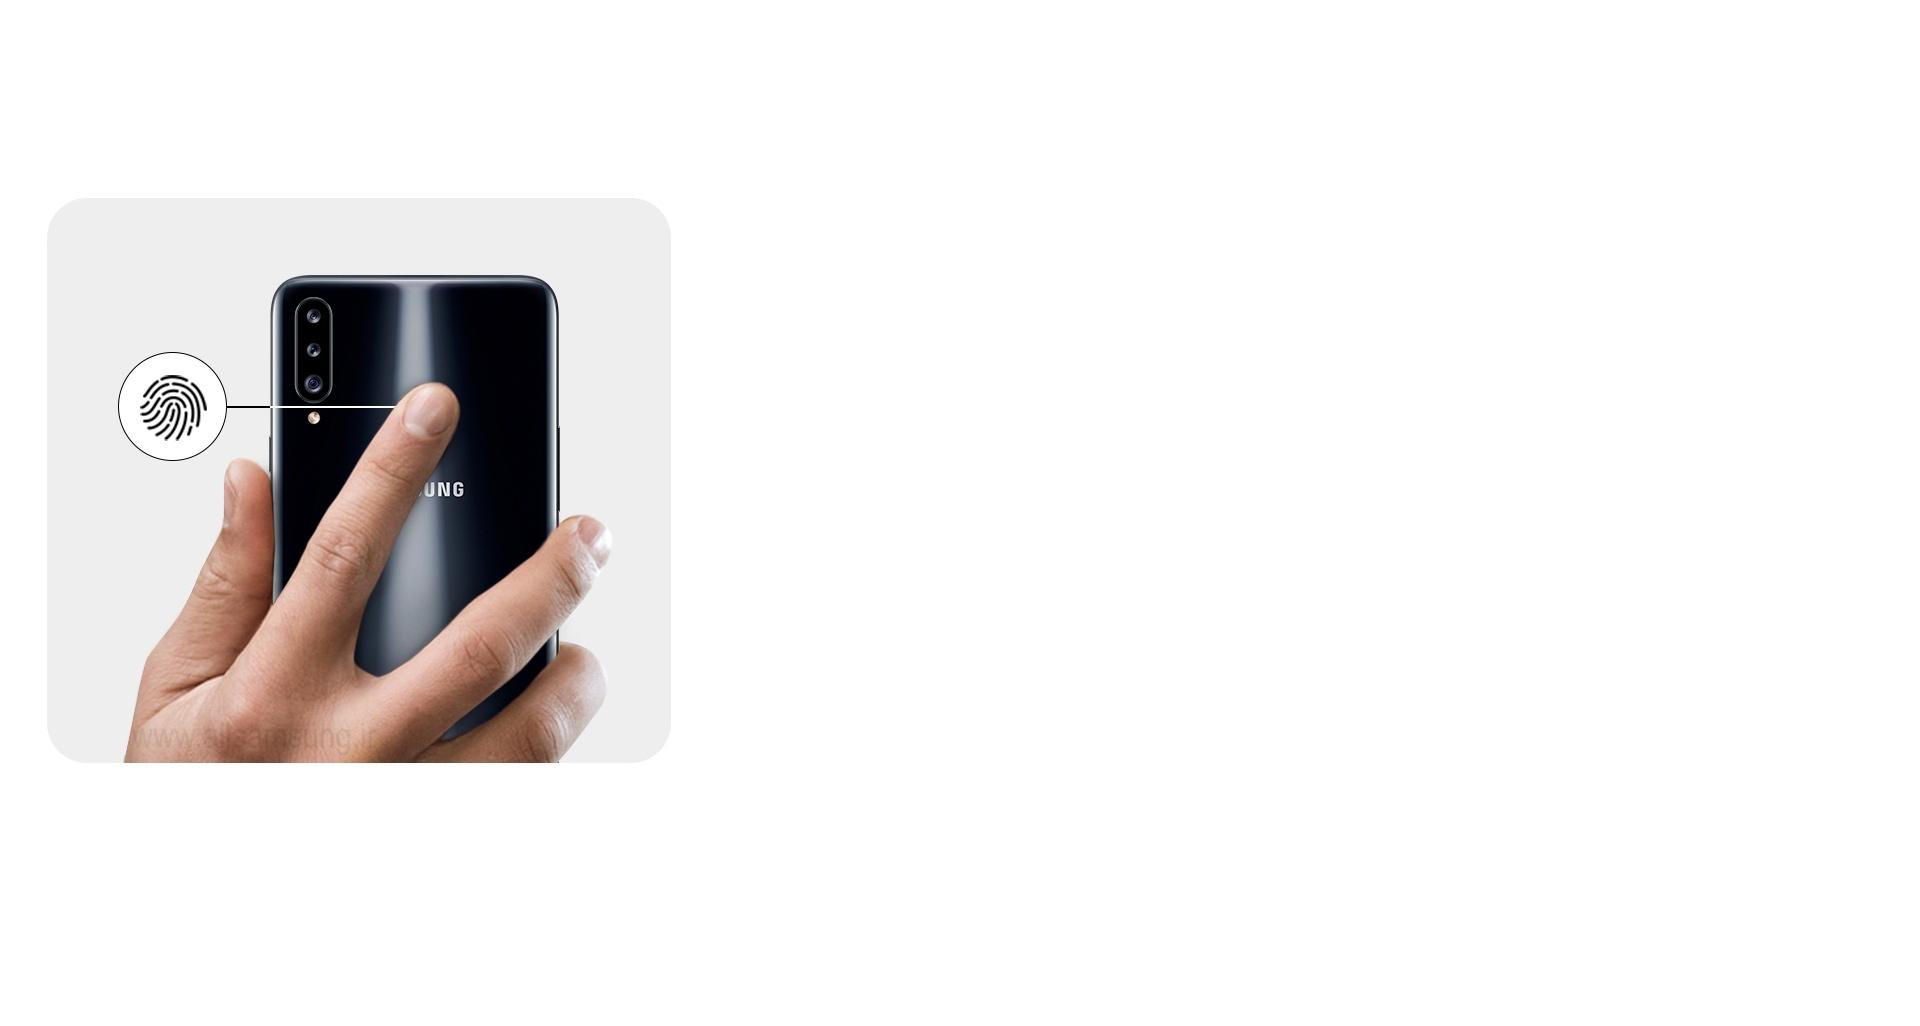 تأمین امنیت به شیوه بسیار آسان با سنسور اثر انگشت گوشی A20s